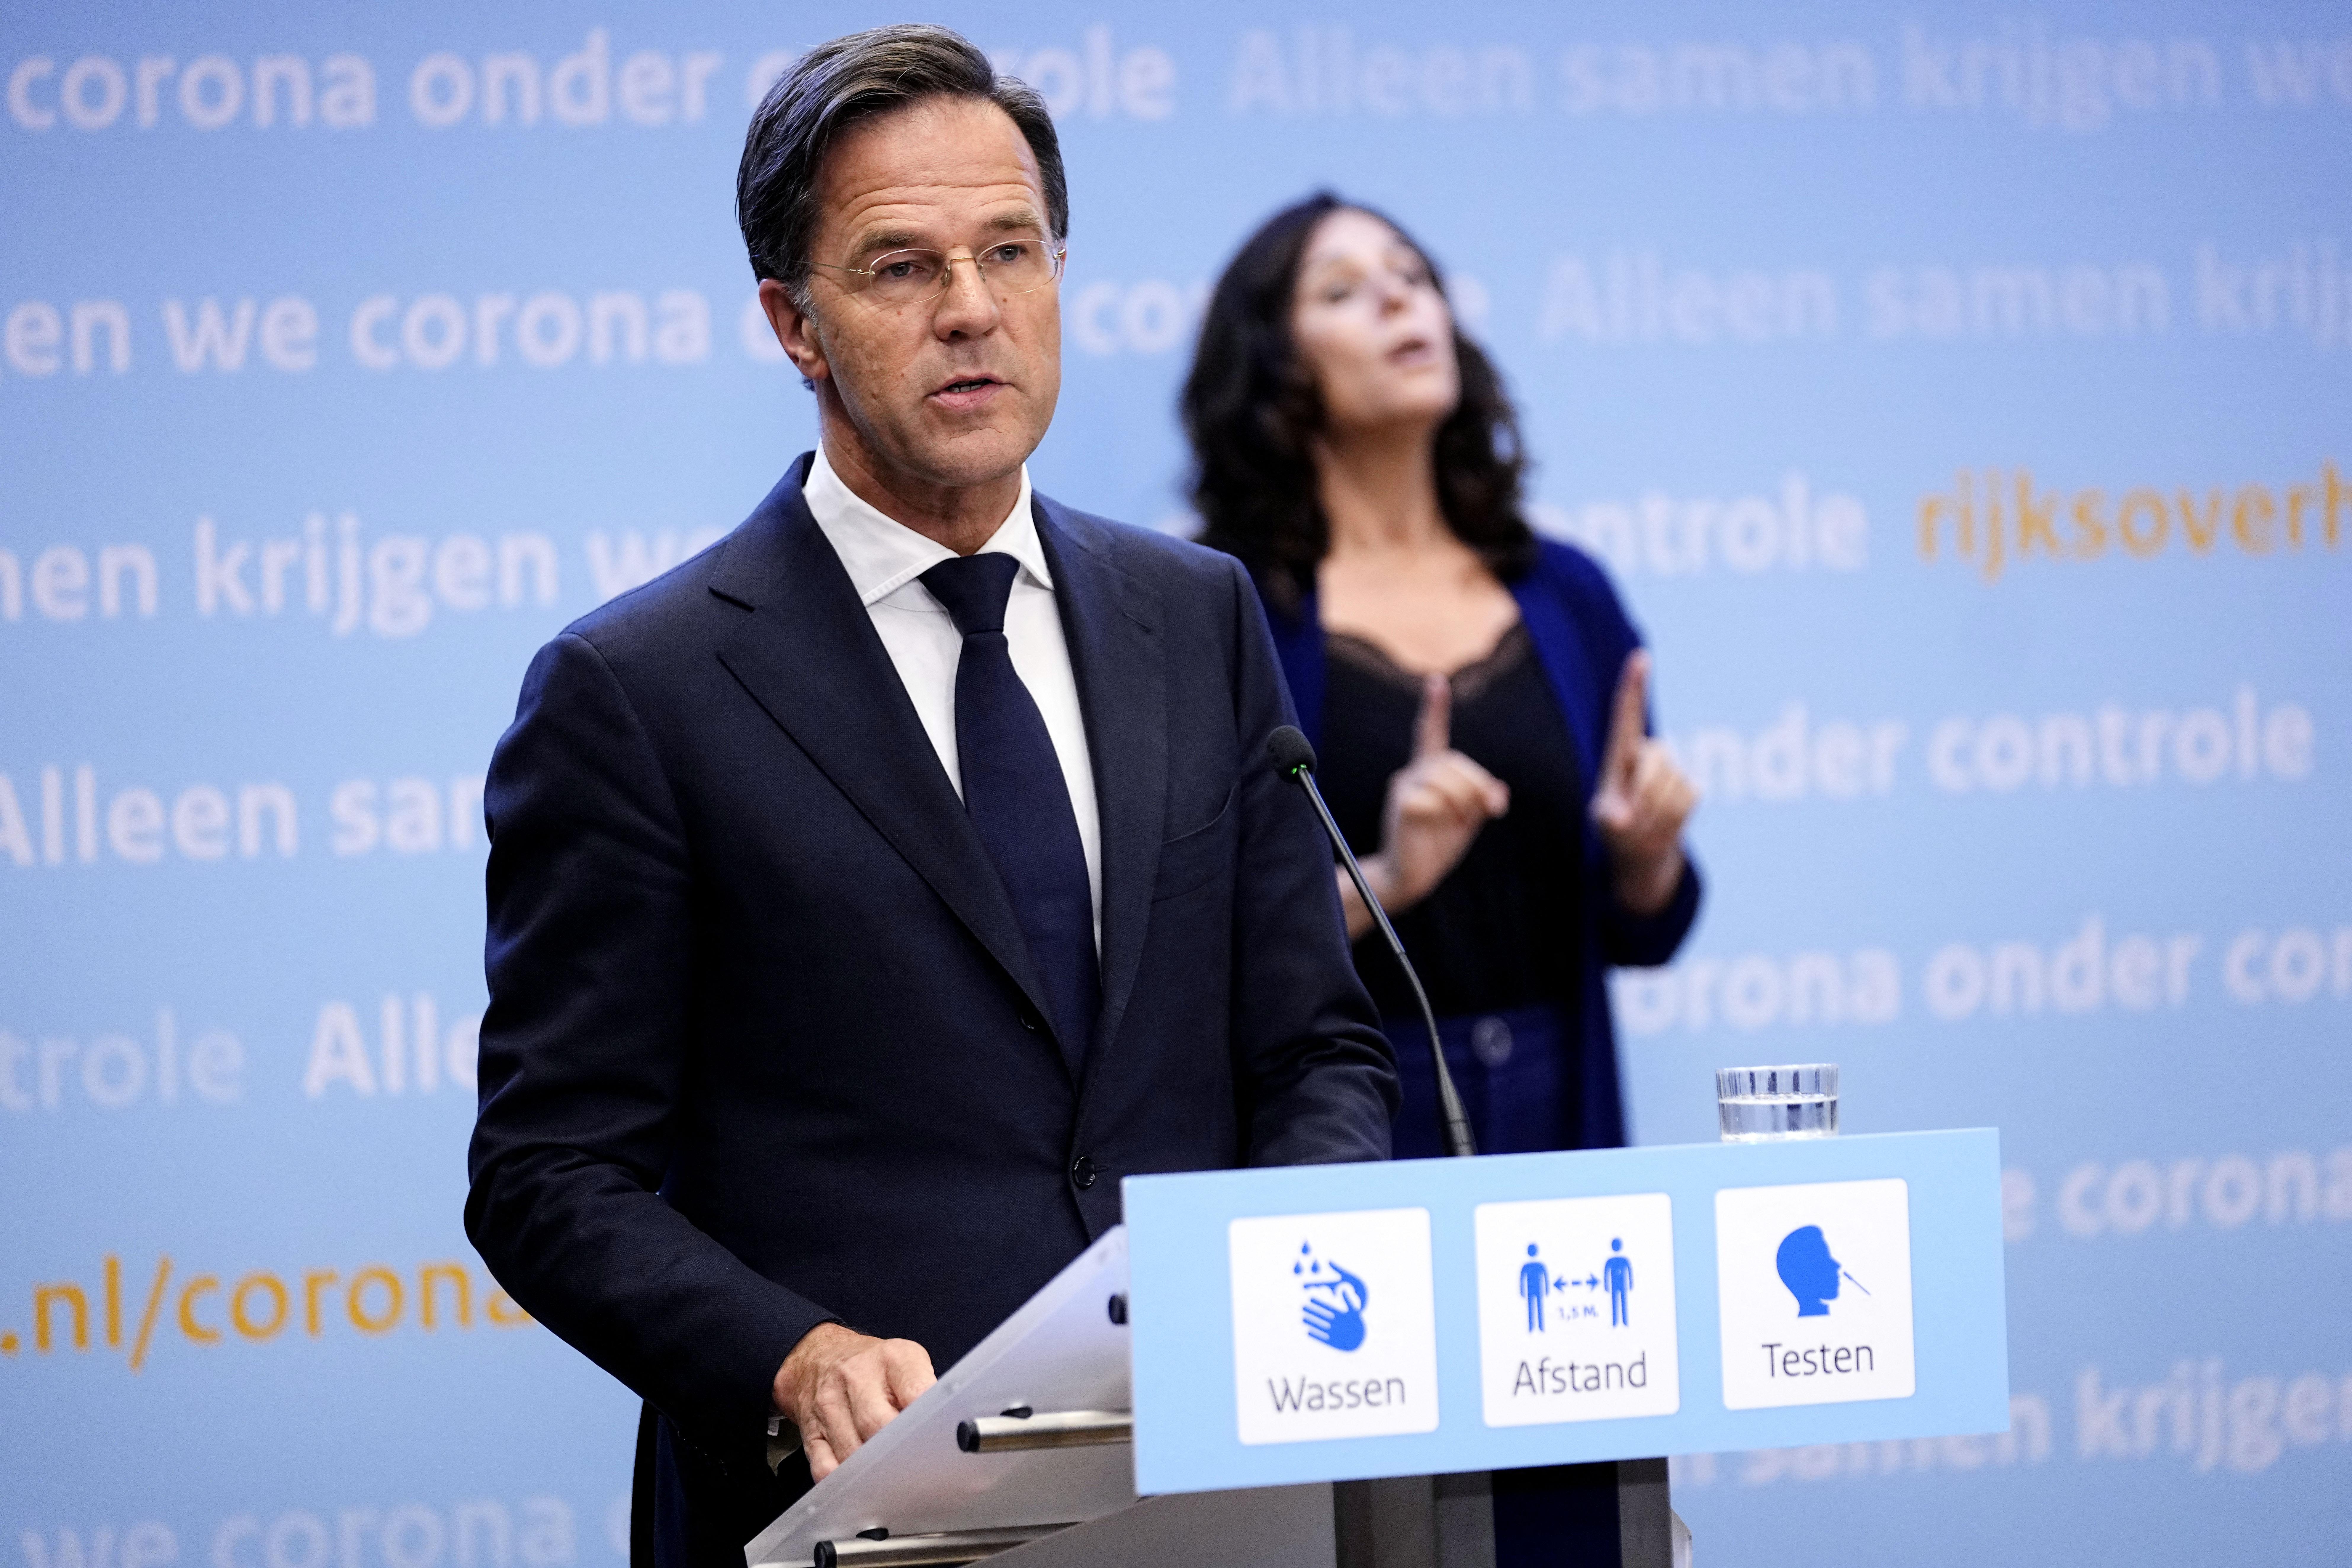 Bocsánatot kért a holland miniszterelnök, amiért túl korán oldották fel a korlátozásokat